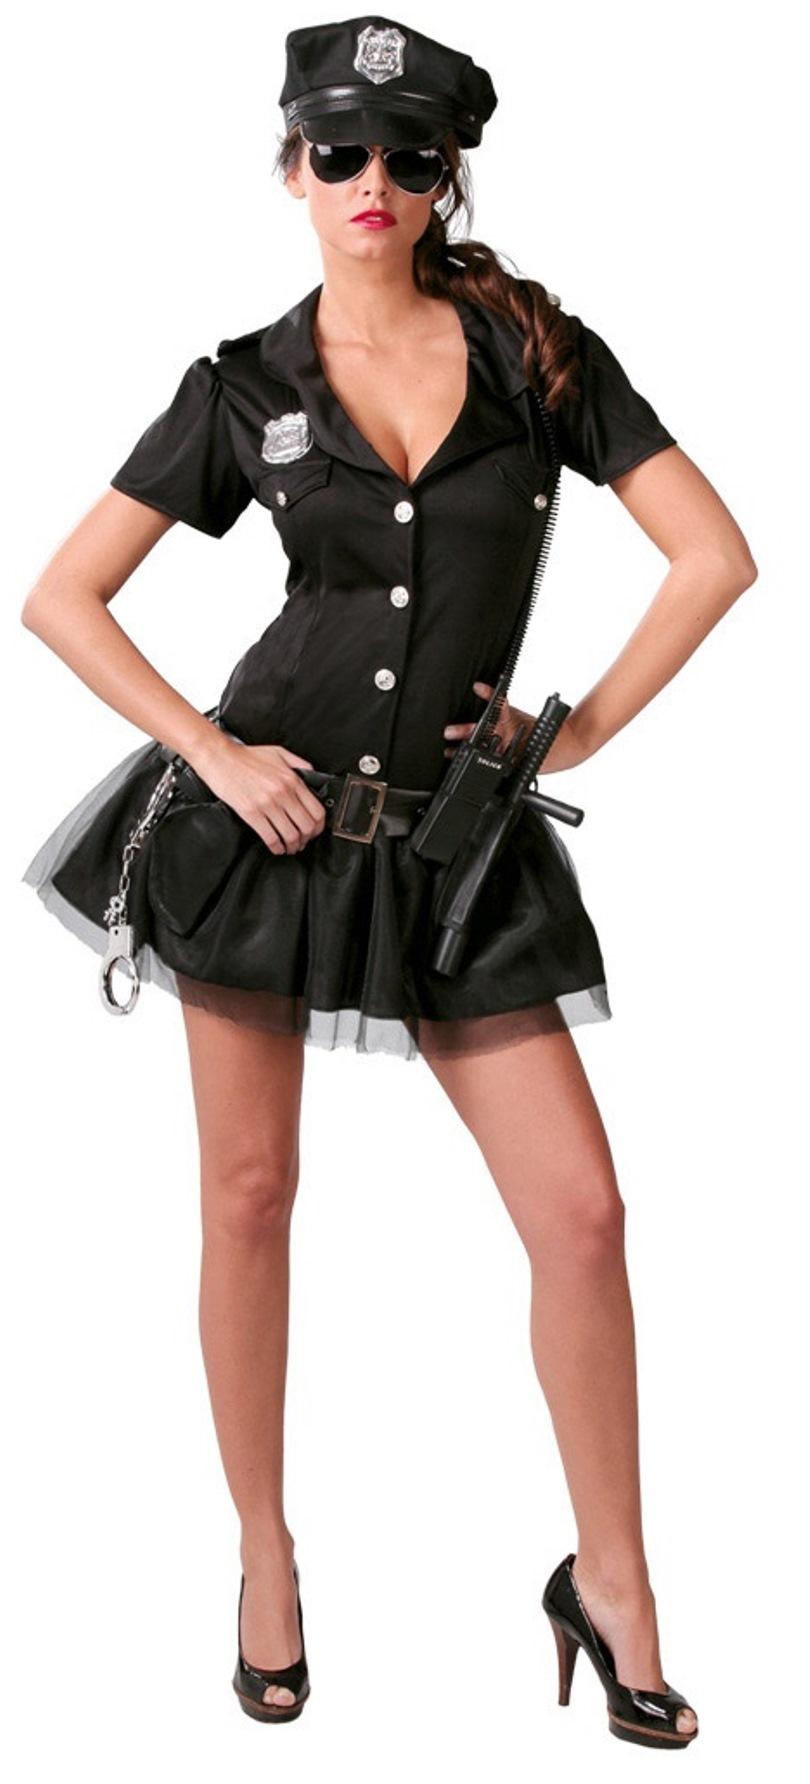 American traffic Cop costume